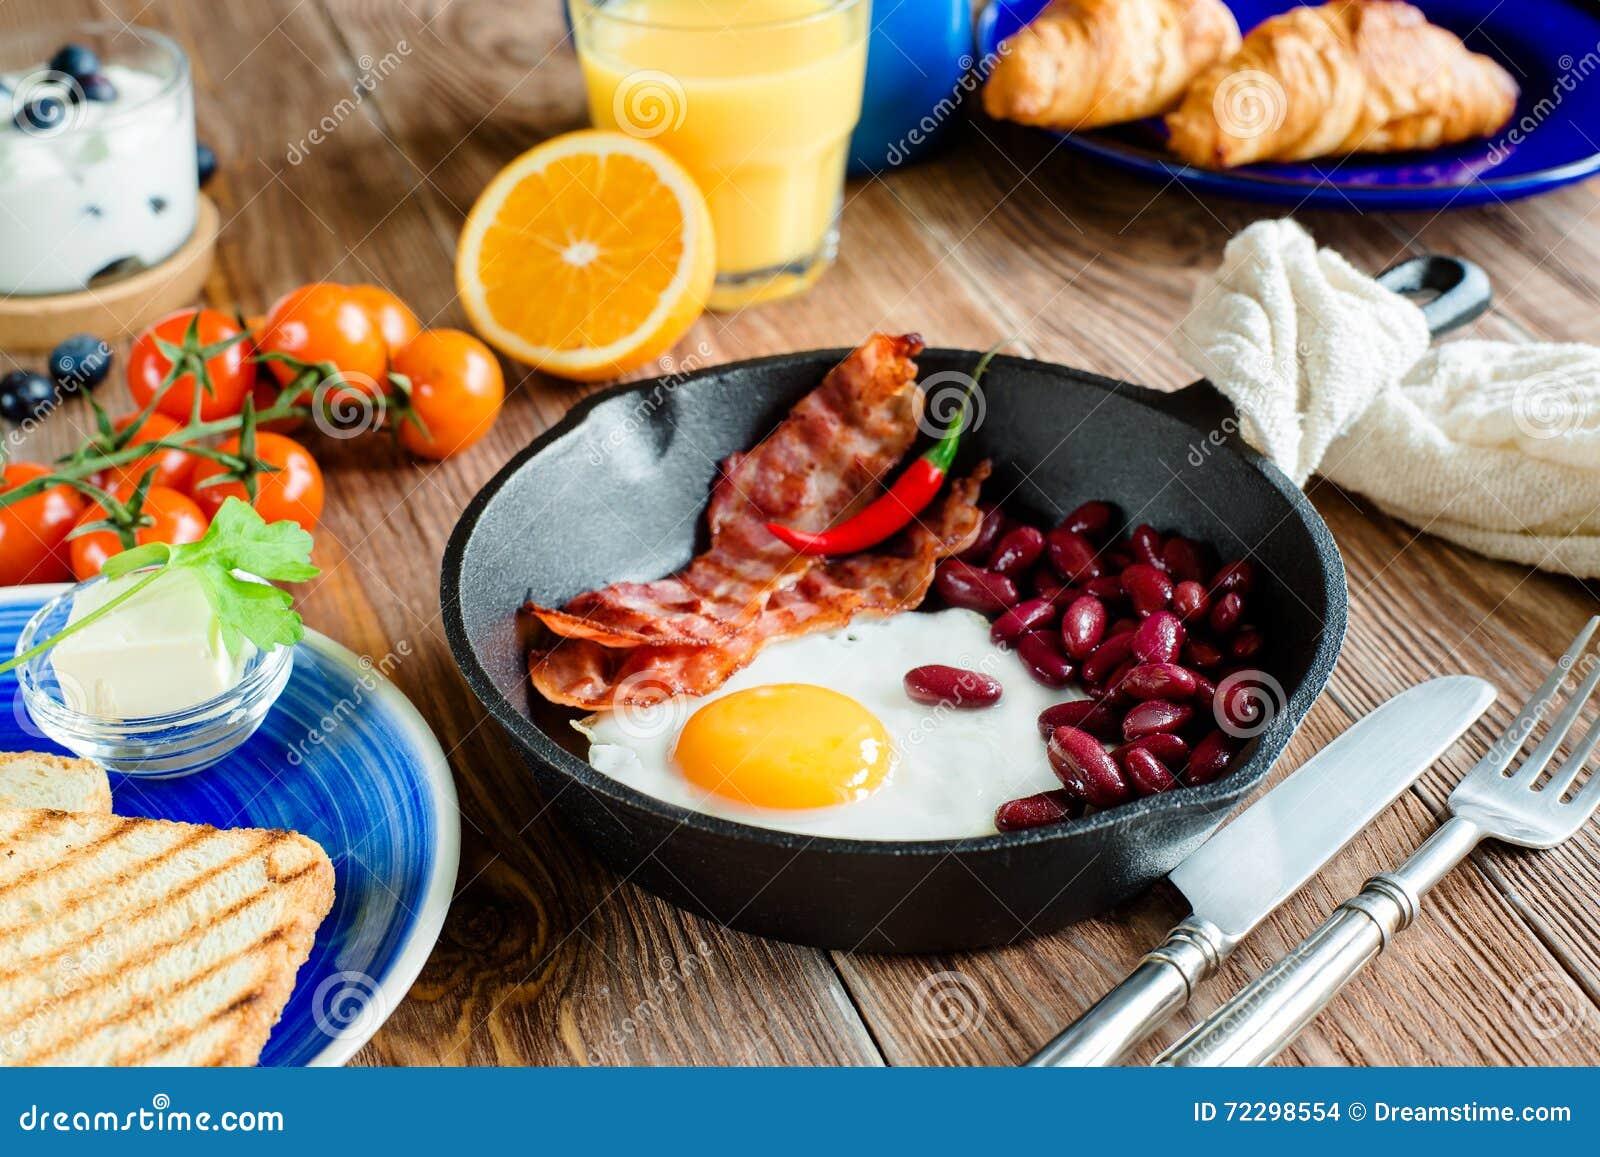 Download Английский завтрак в деревенском стиле Стоковое Фото - изображение насчитывающей отечественно, бактерий: 72298554